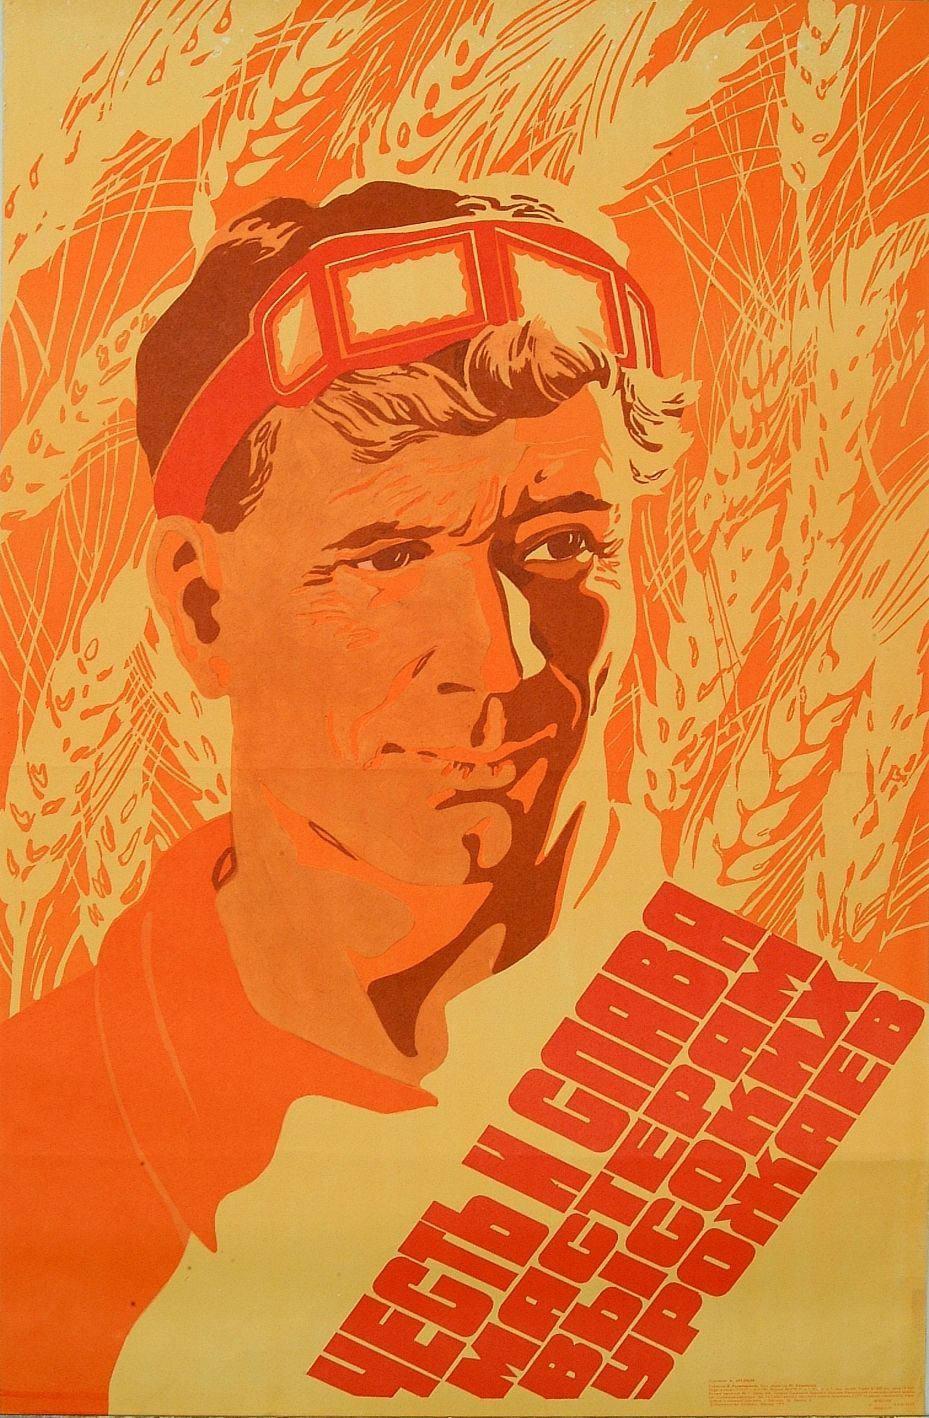 Картинки советские с призывами